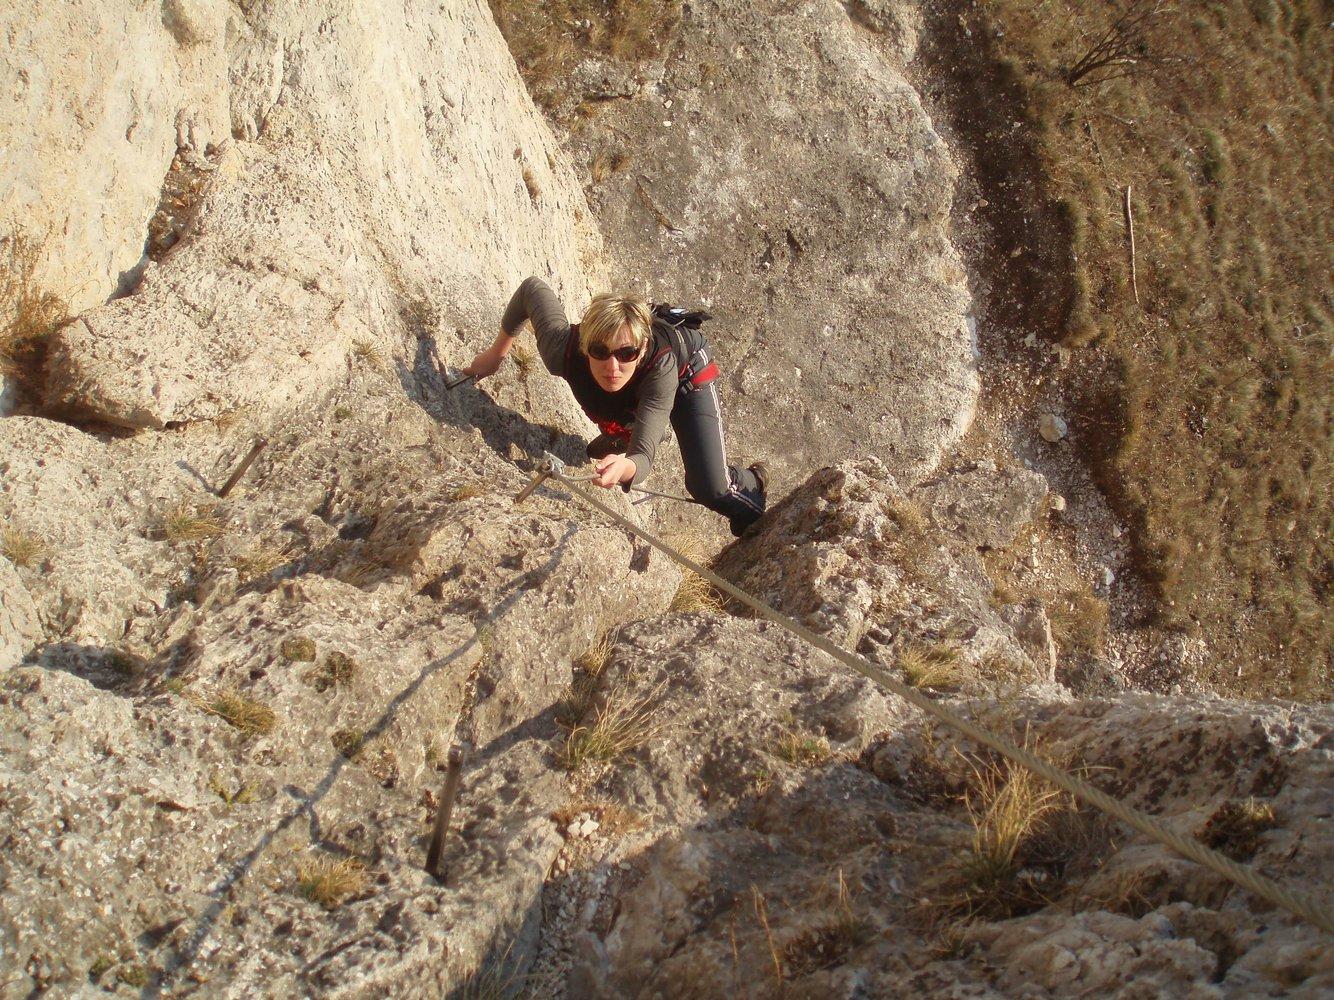 Klettersteig Türkensturz : Pittentalersteig pittentaler klettersteig bergsteigen